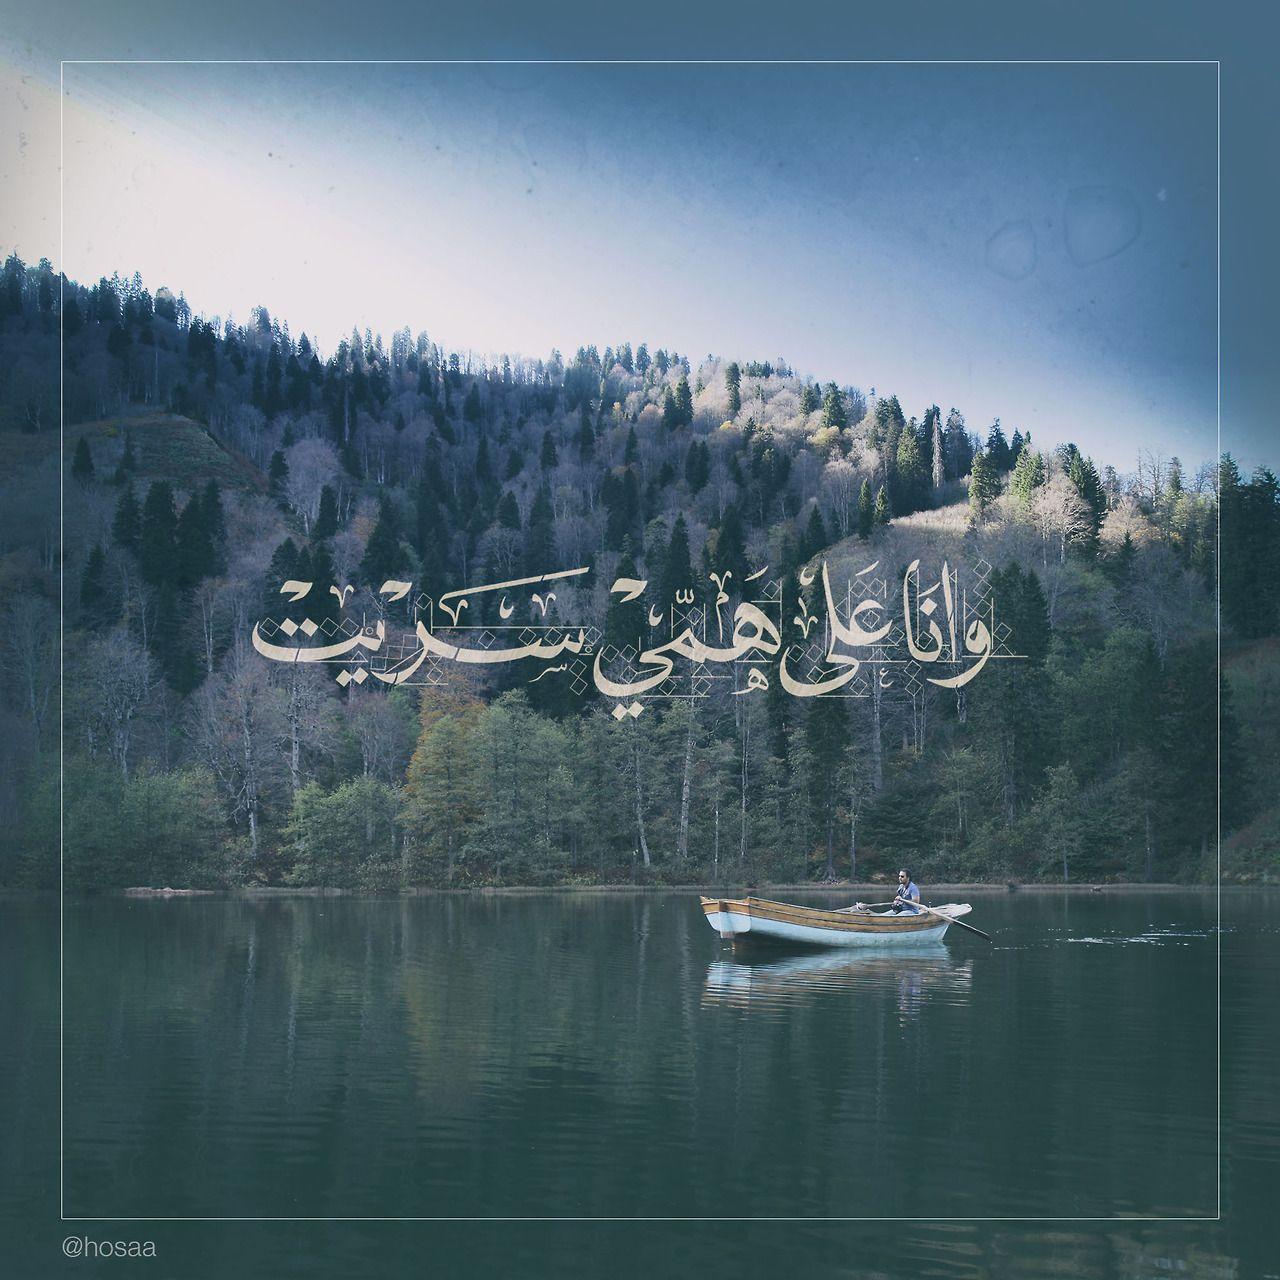 كلن على همه سرى خطوط الضوء سكون ساحر في بحيرة من بحيرات الشمال التركي حين تخلو من البشر لتبدو وكأنها لحظة من الفردوس المخطوطة من إبد Outdoor River Water